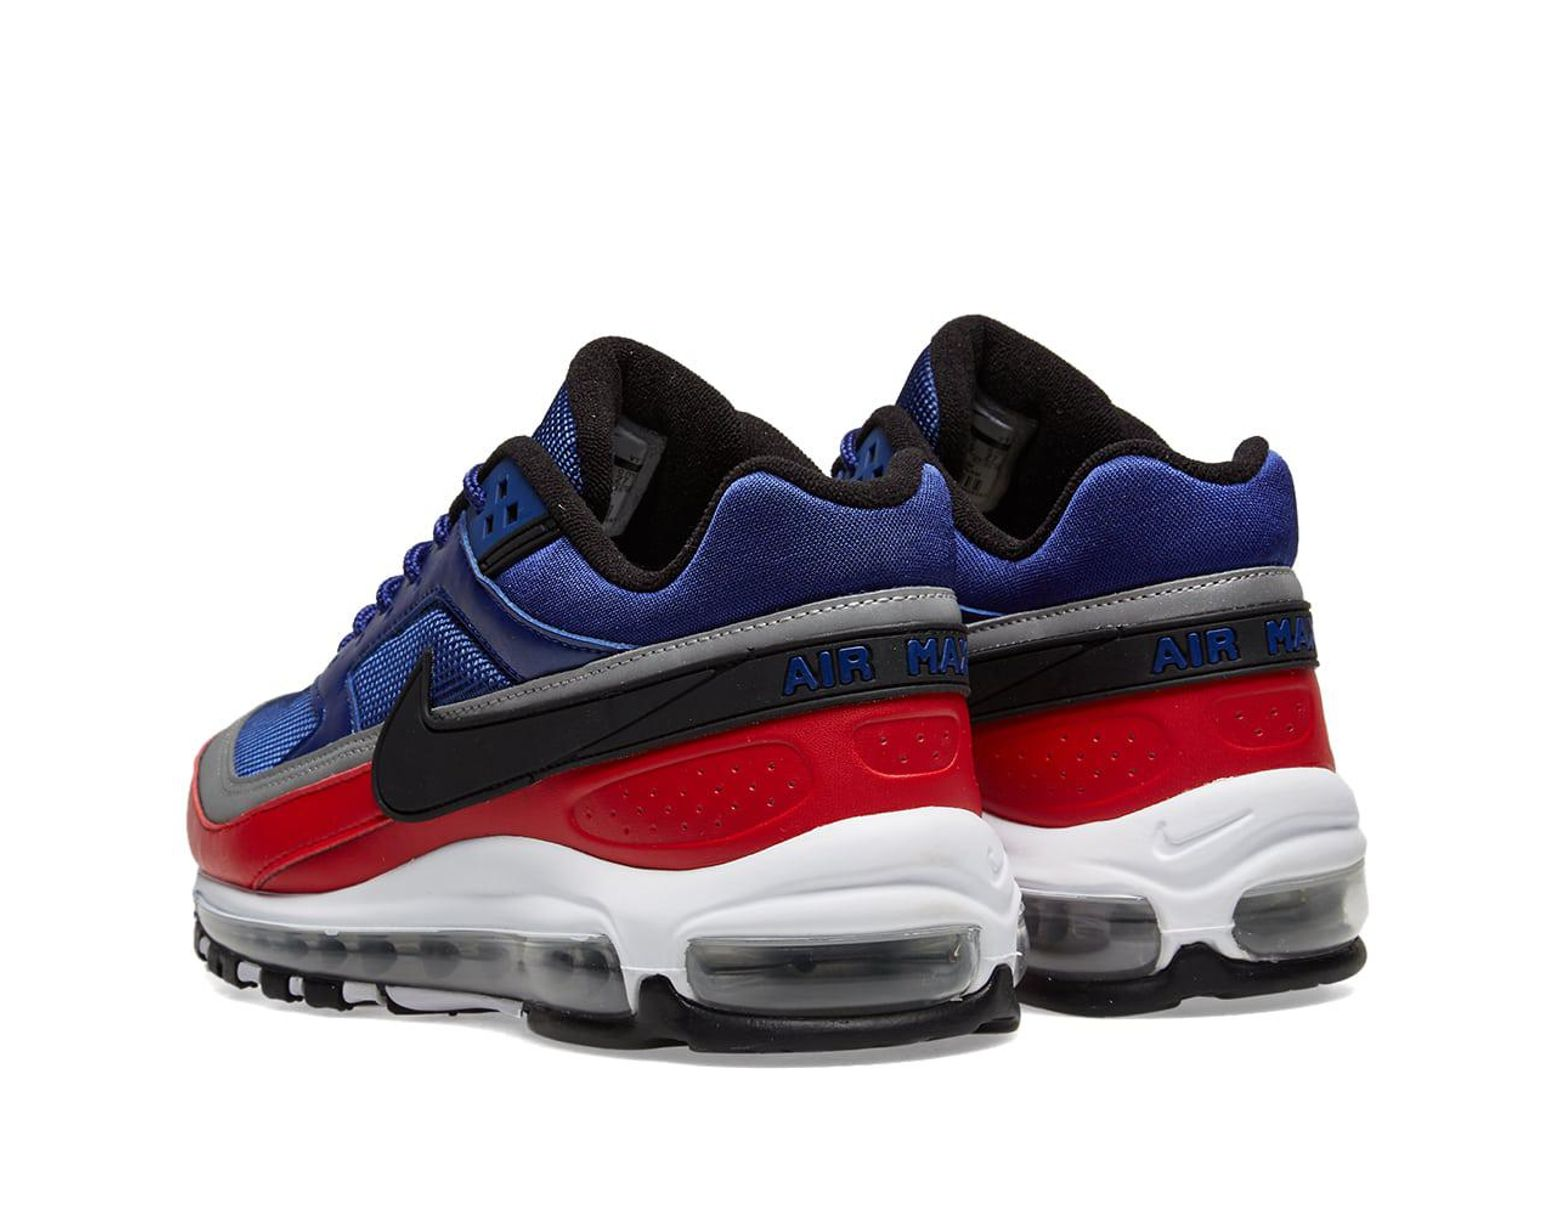 Men's Blue Air Max 97 Bw